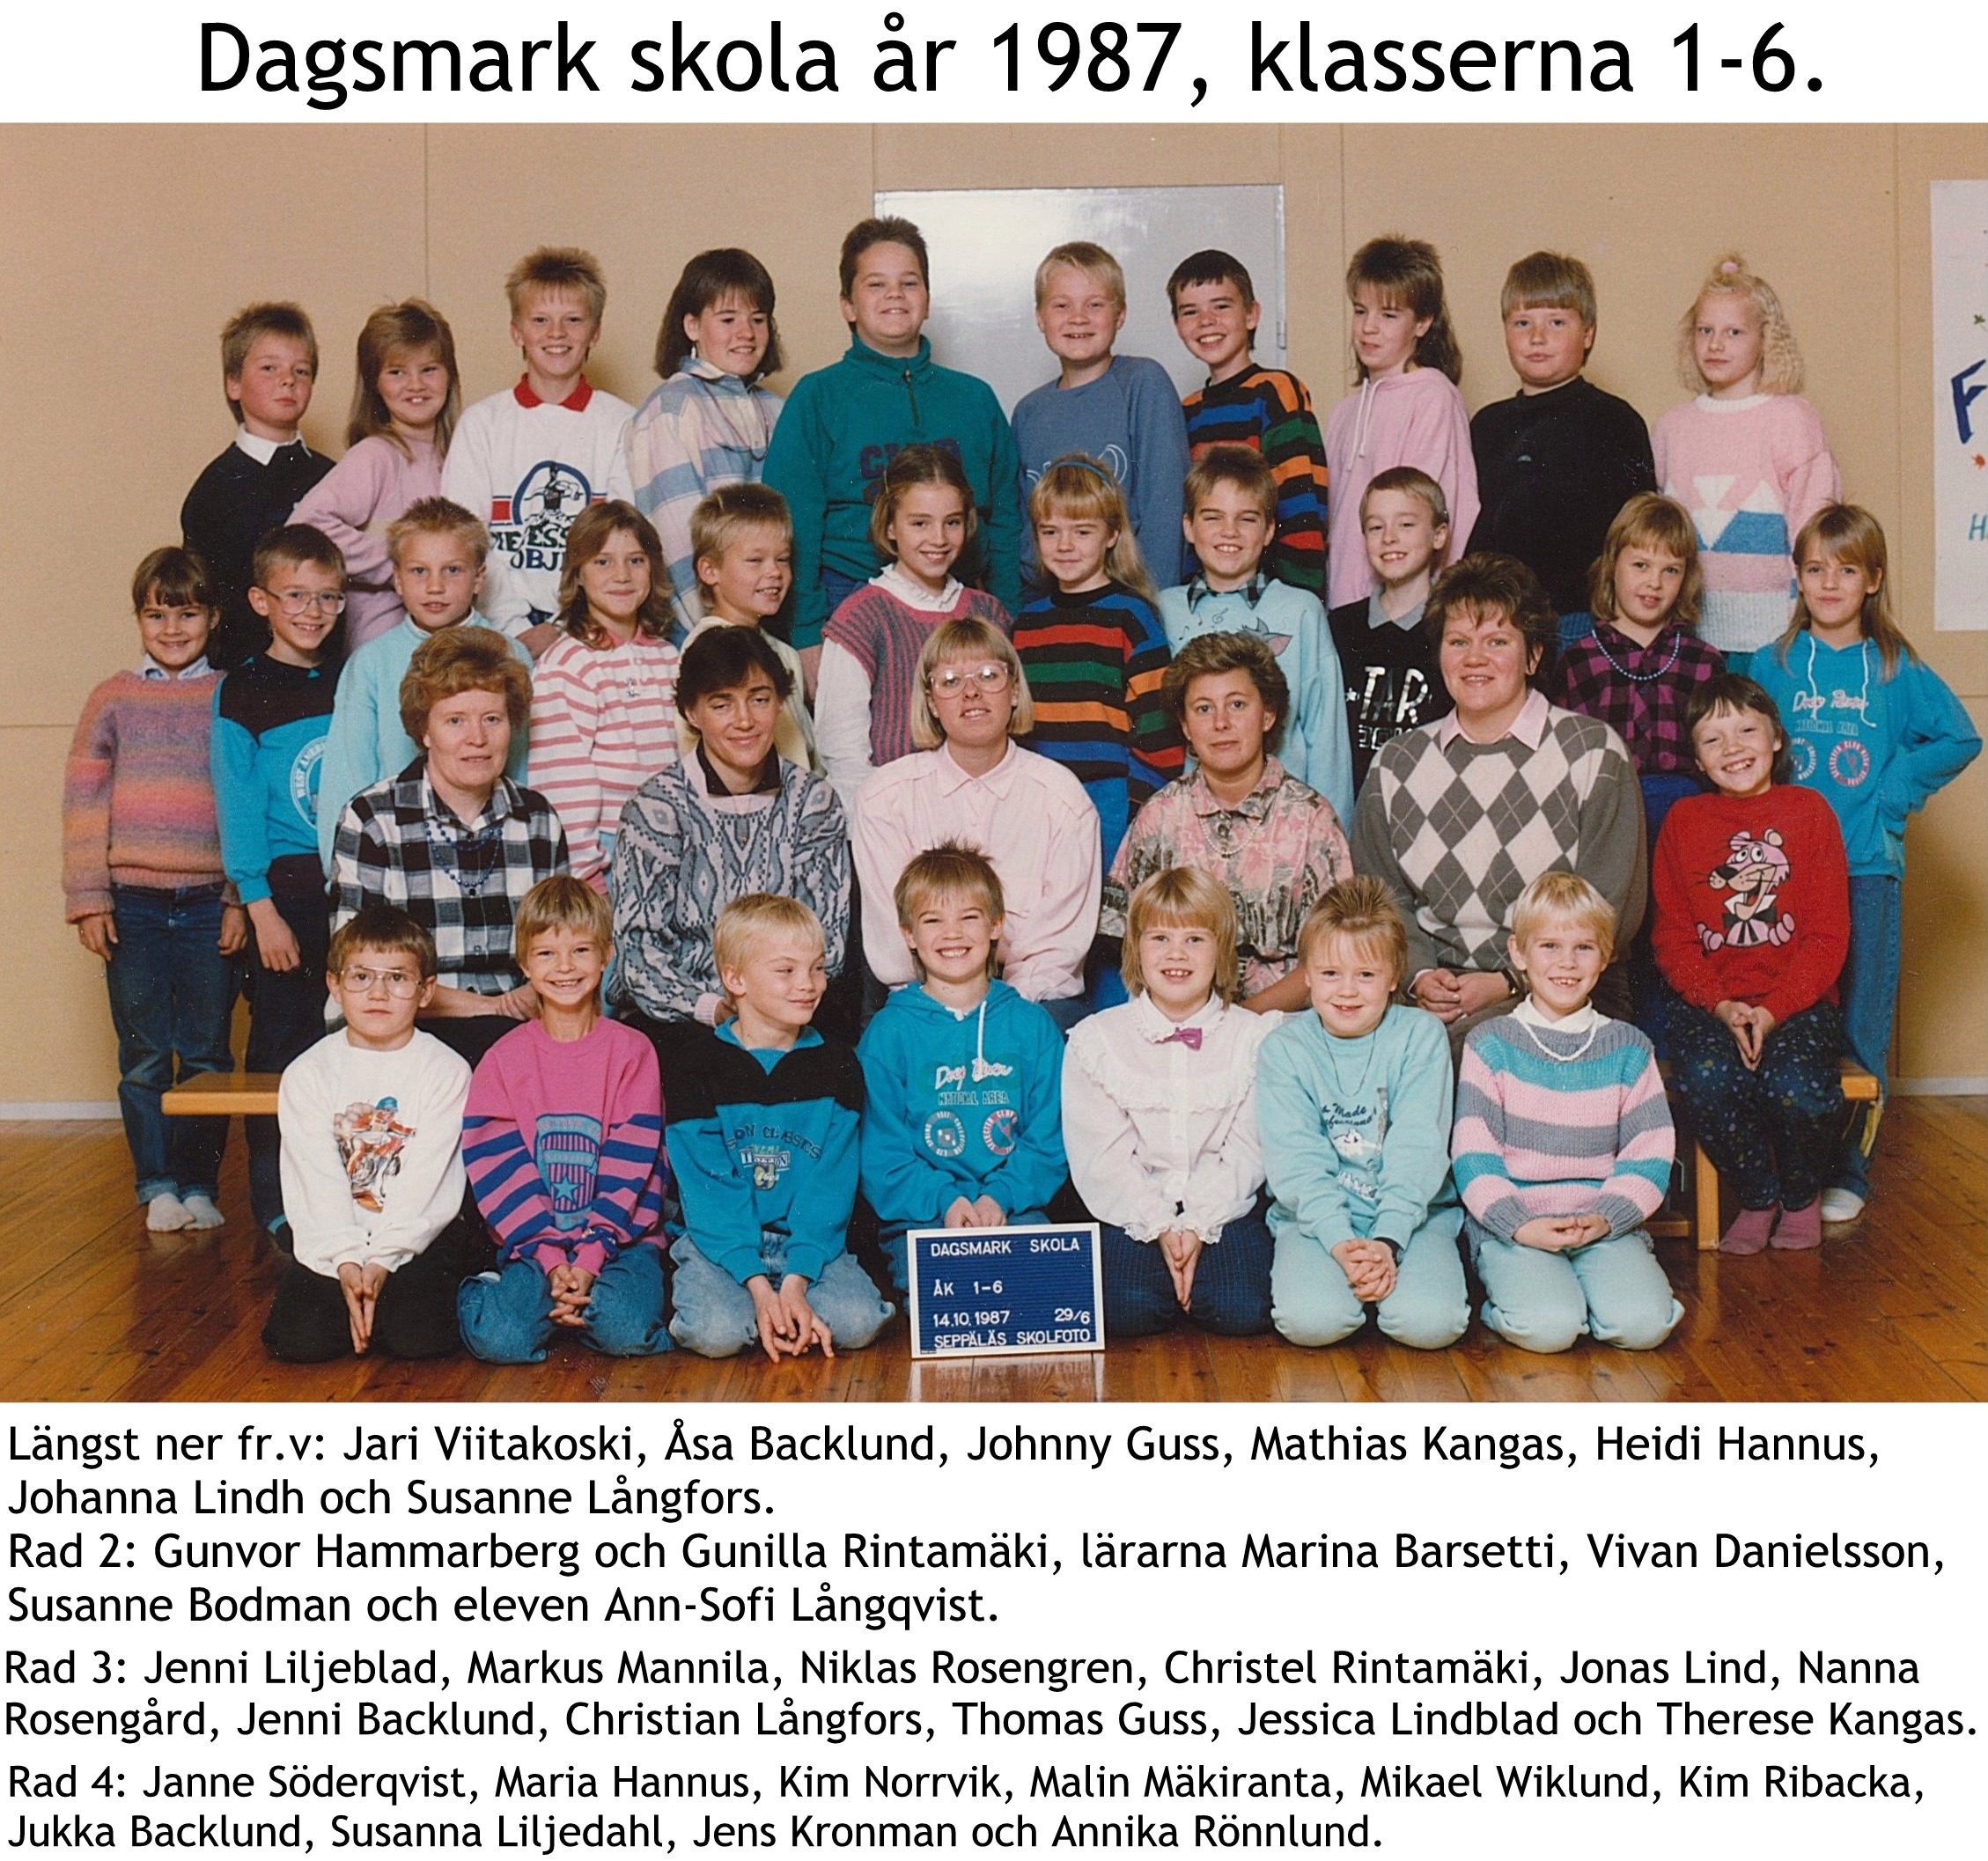 1987 Dagsmark hela skola med namn